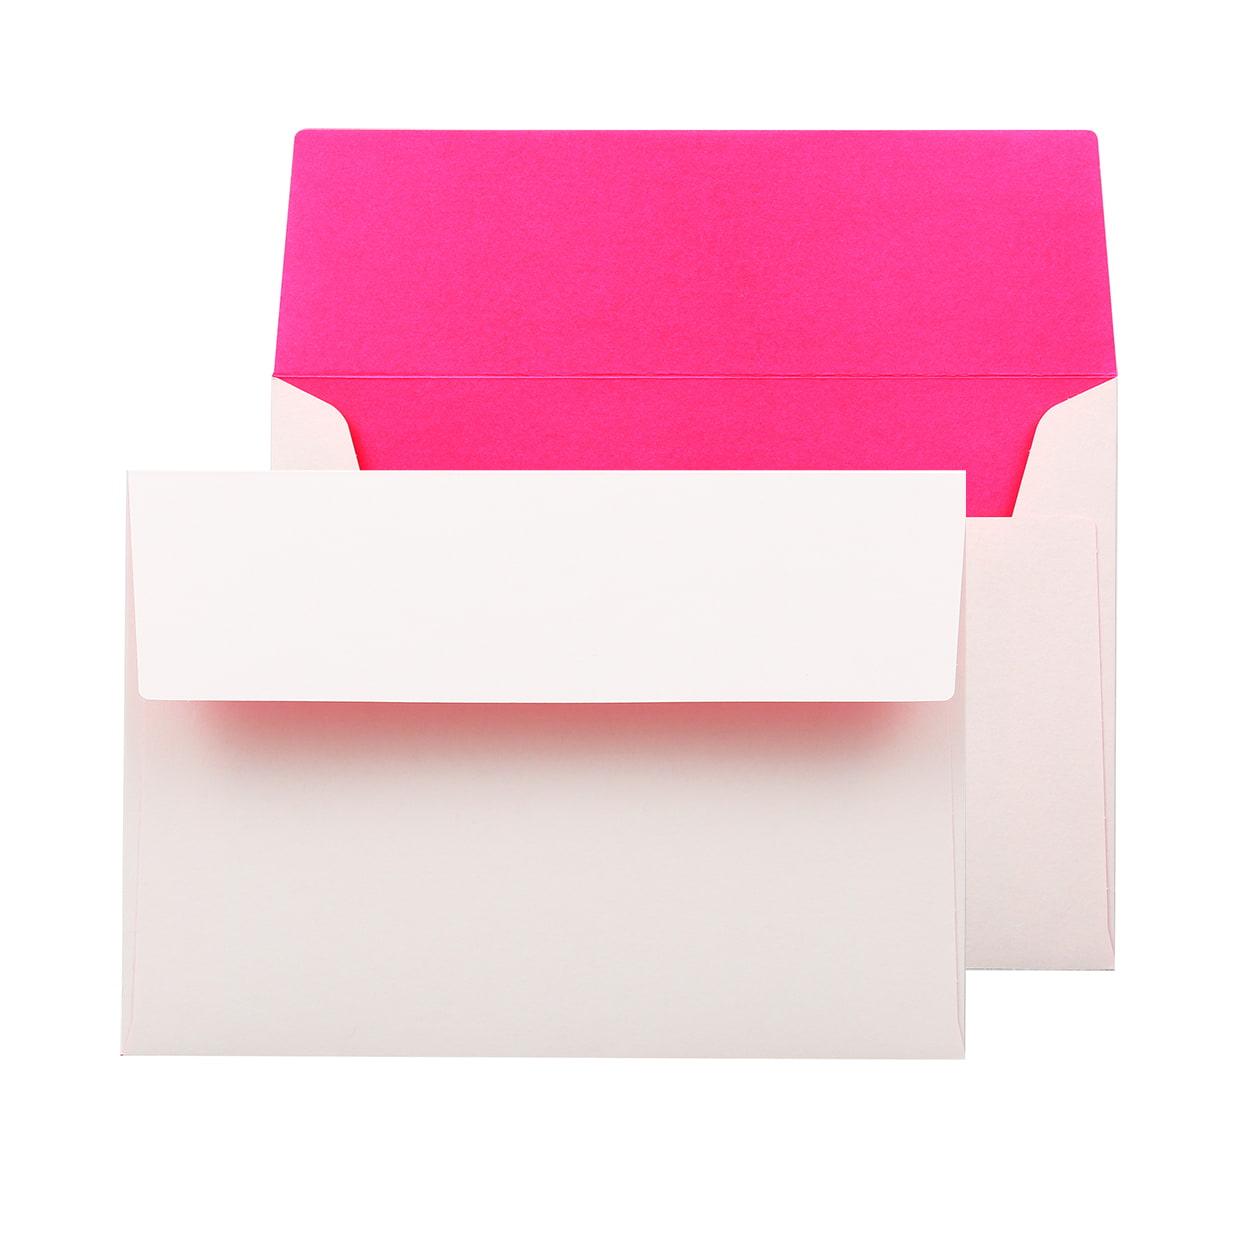 洋2カマス封筒 フラッシュカラー ホワイト×ピンク 100g